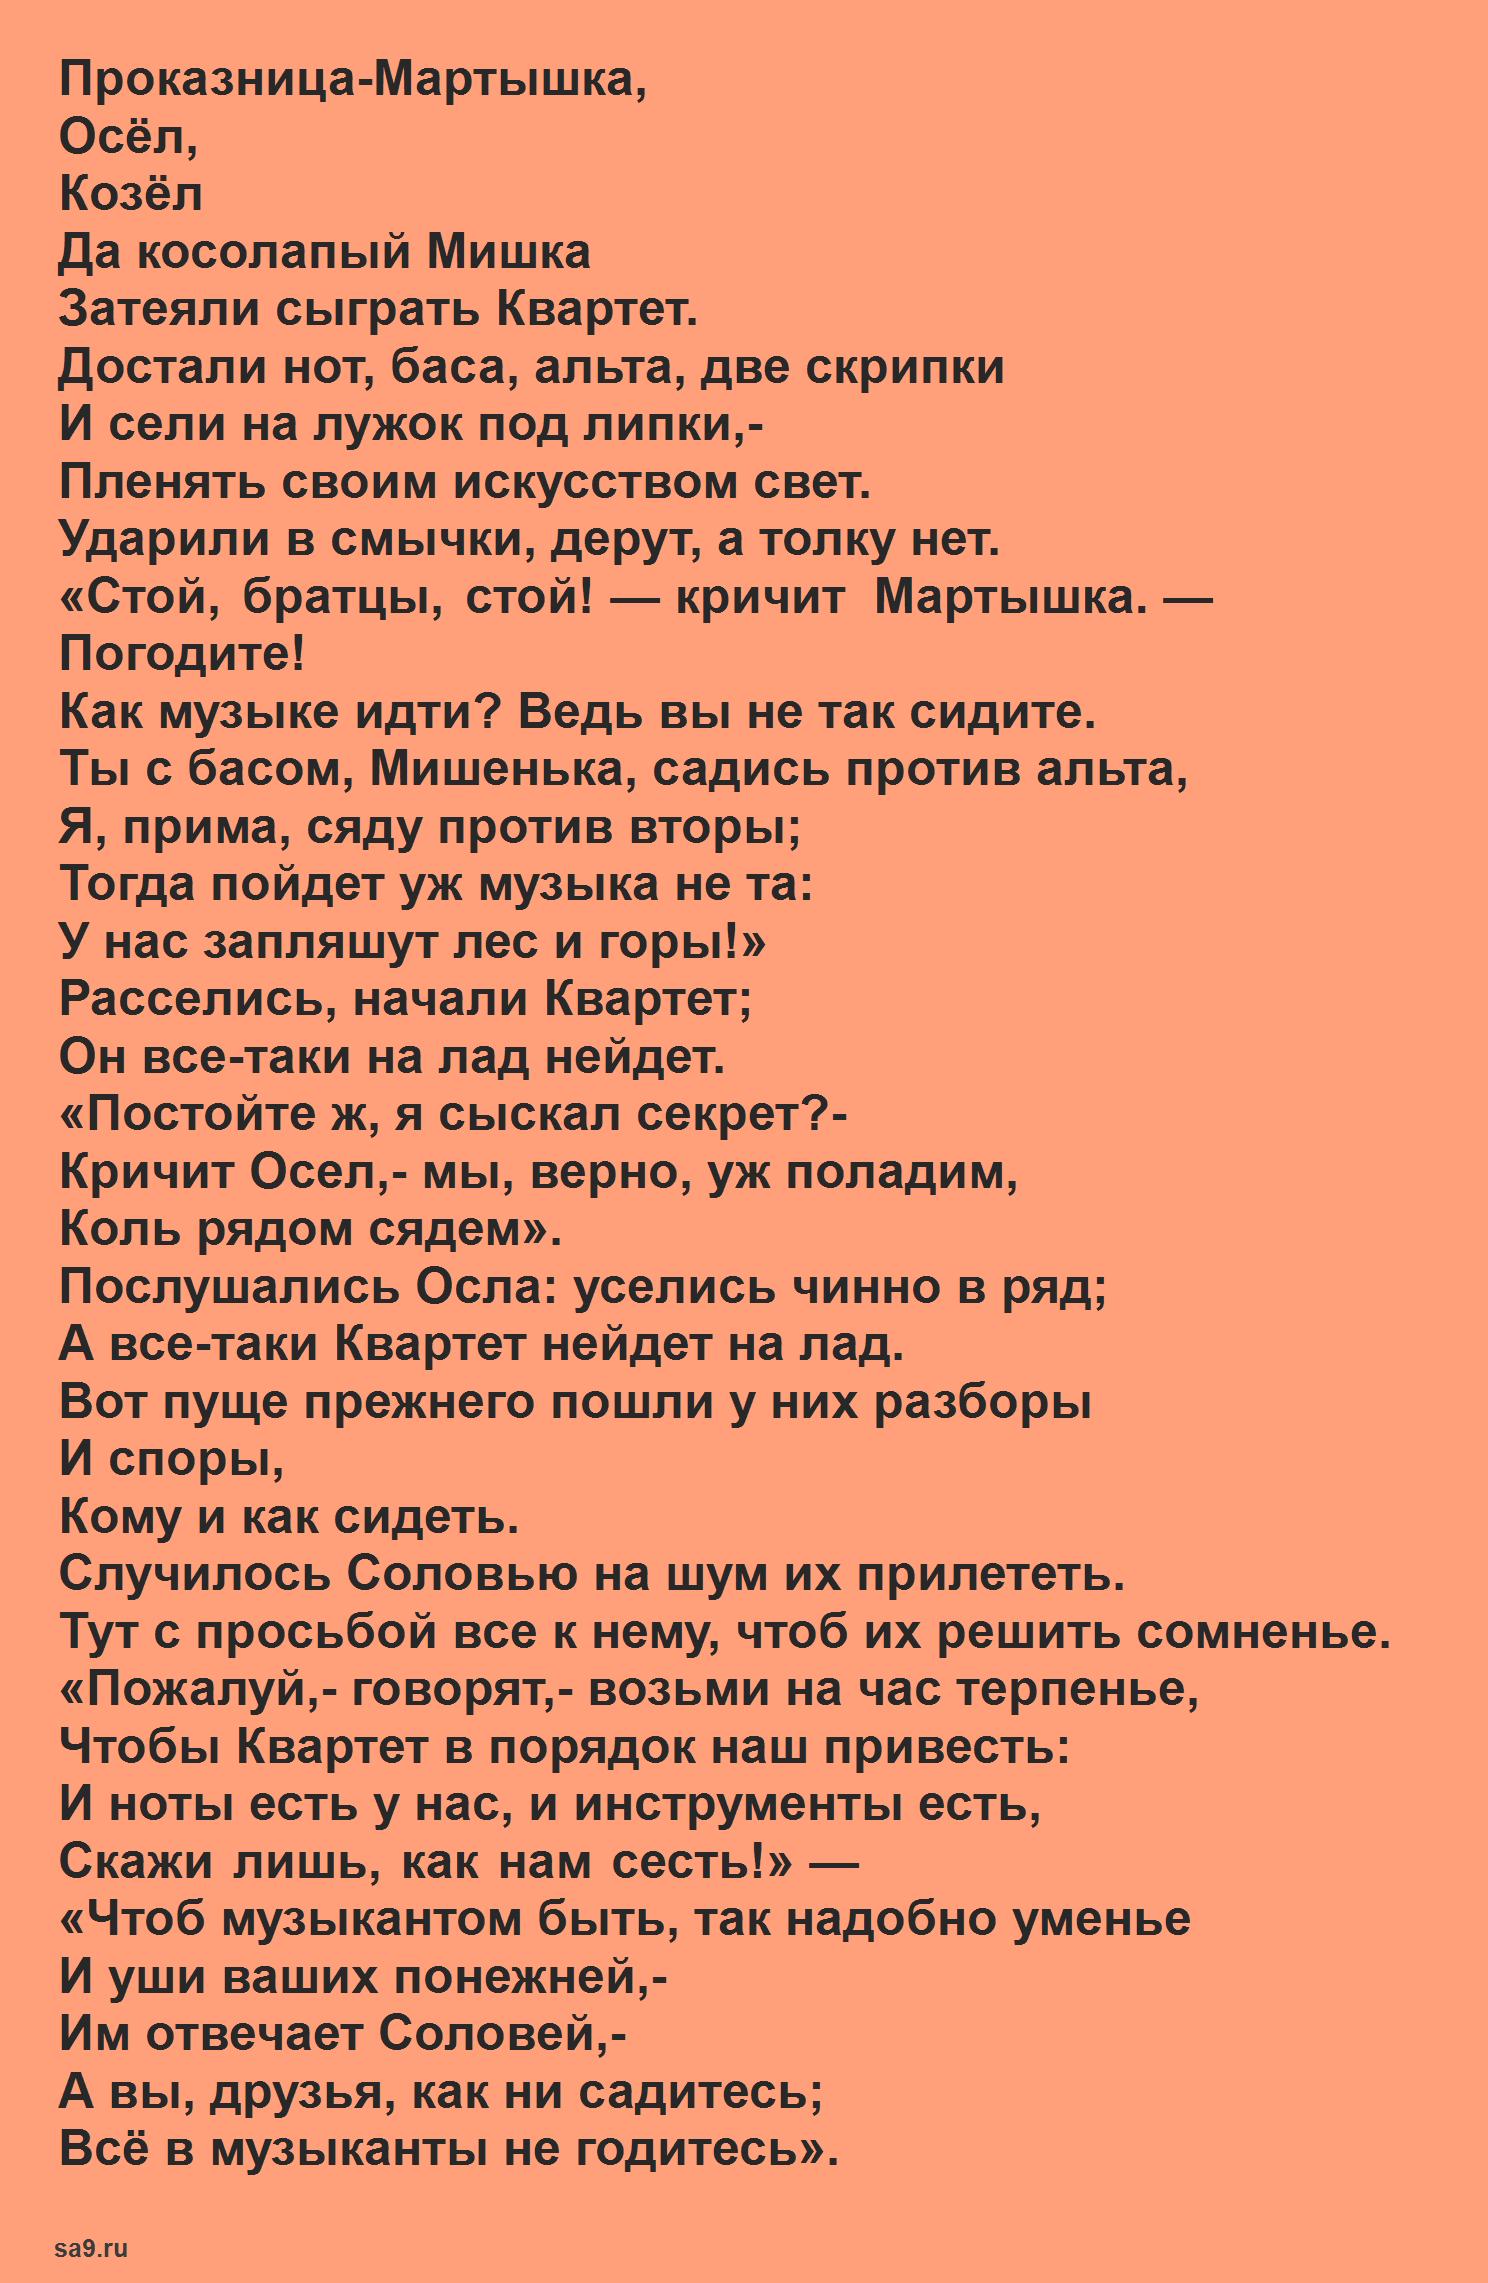 Басня Крылова 'Квартет', текст басни читать полностью